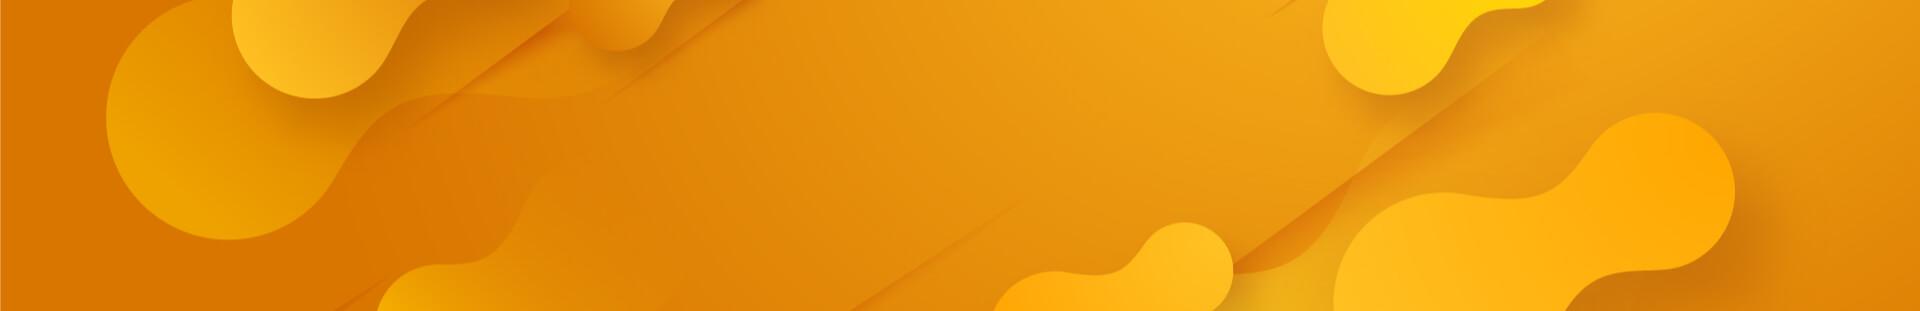 pomarańczowa grafika wektorowa w owalne elementy bez zaokrąglenia